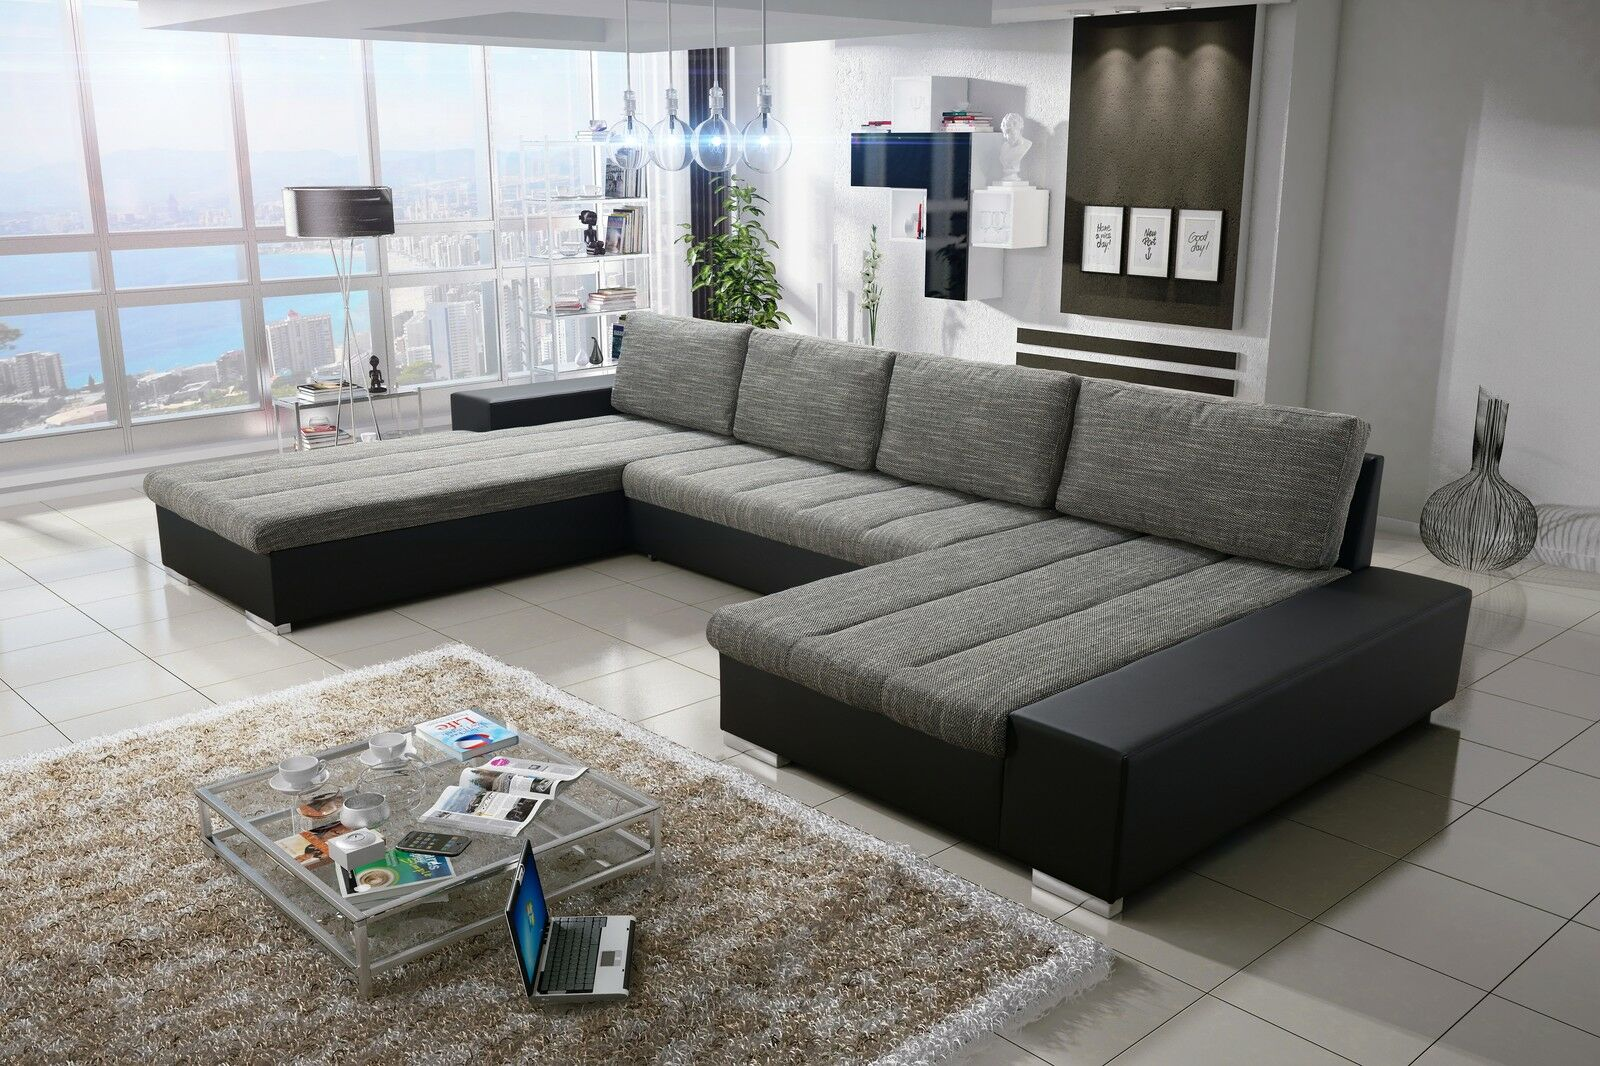 Sofa Couchgarnitur Couch Sofagarnitur Verona 6 U Polsterecke Mit Schlaffunktion